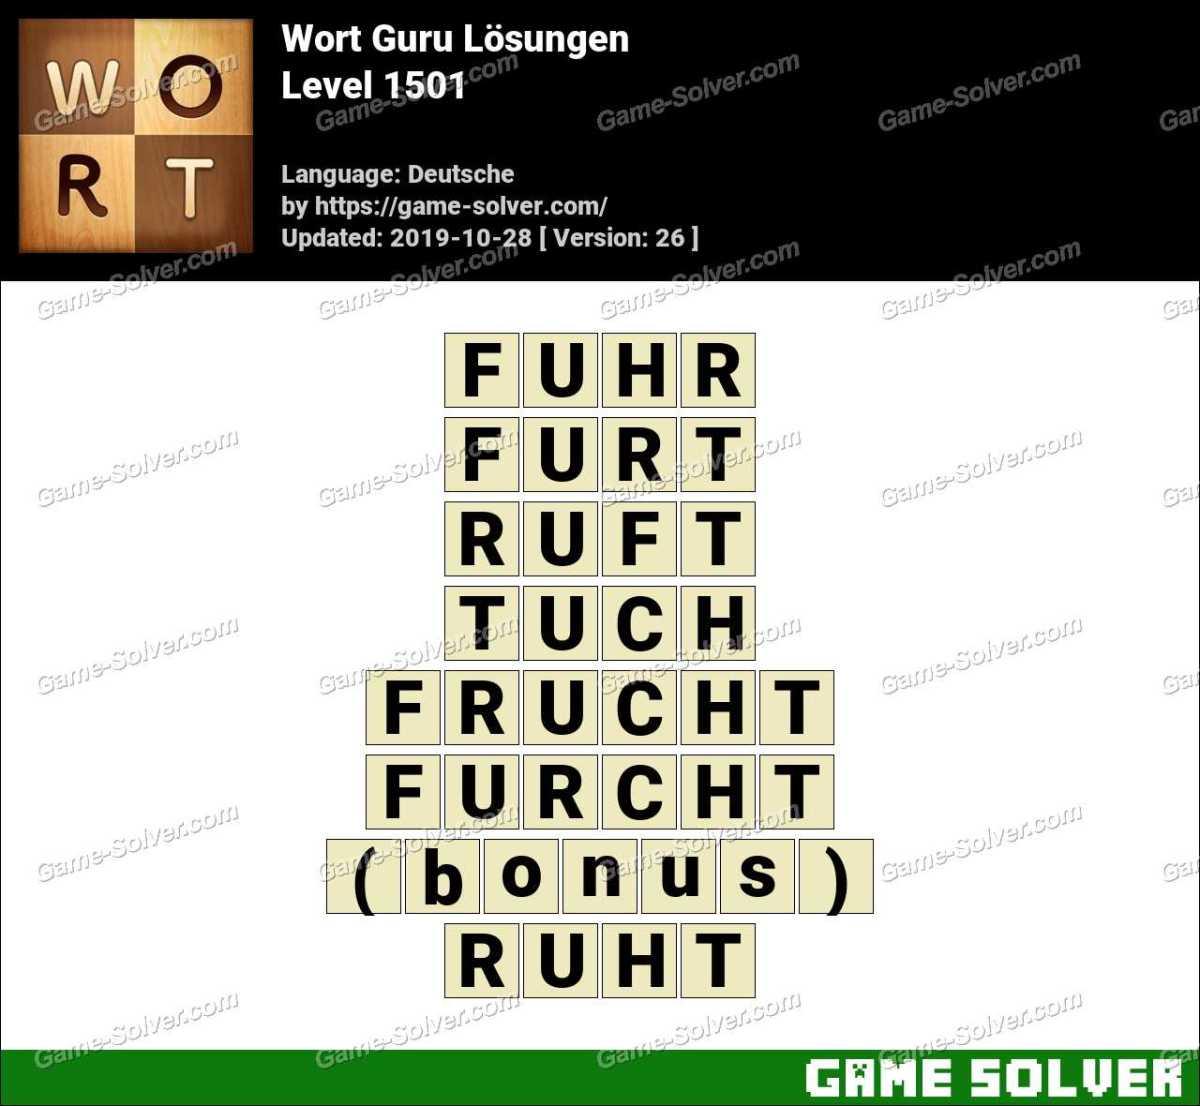 Wort Guru Level 1501 Lösungen